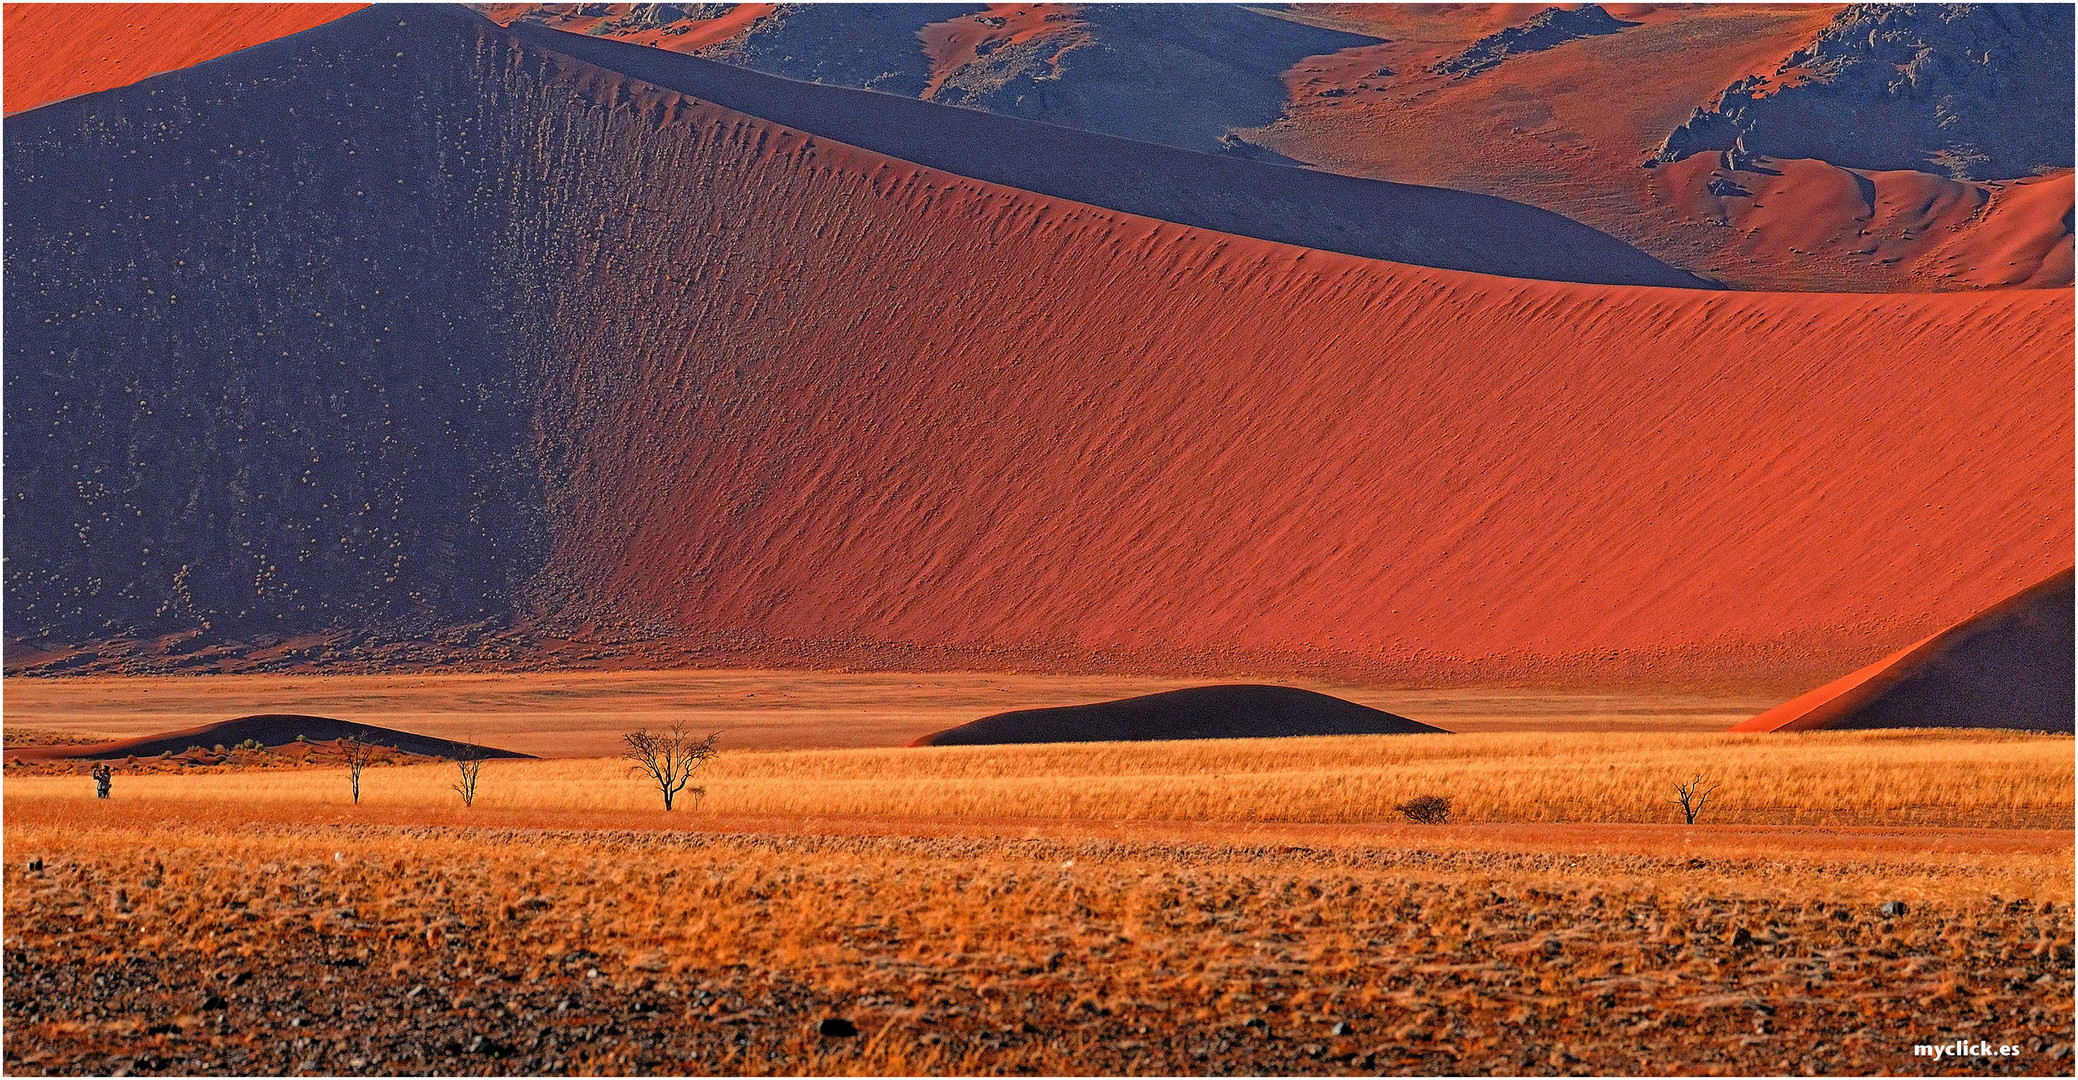 MEMORIAS DE AFRICA -CONTRASTES DE SUSSVLEI 2 -NAMIBIA